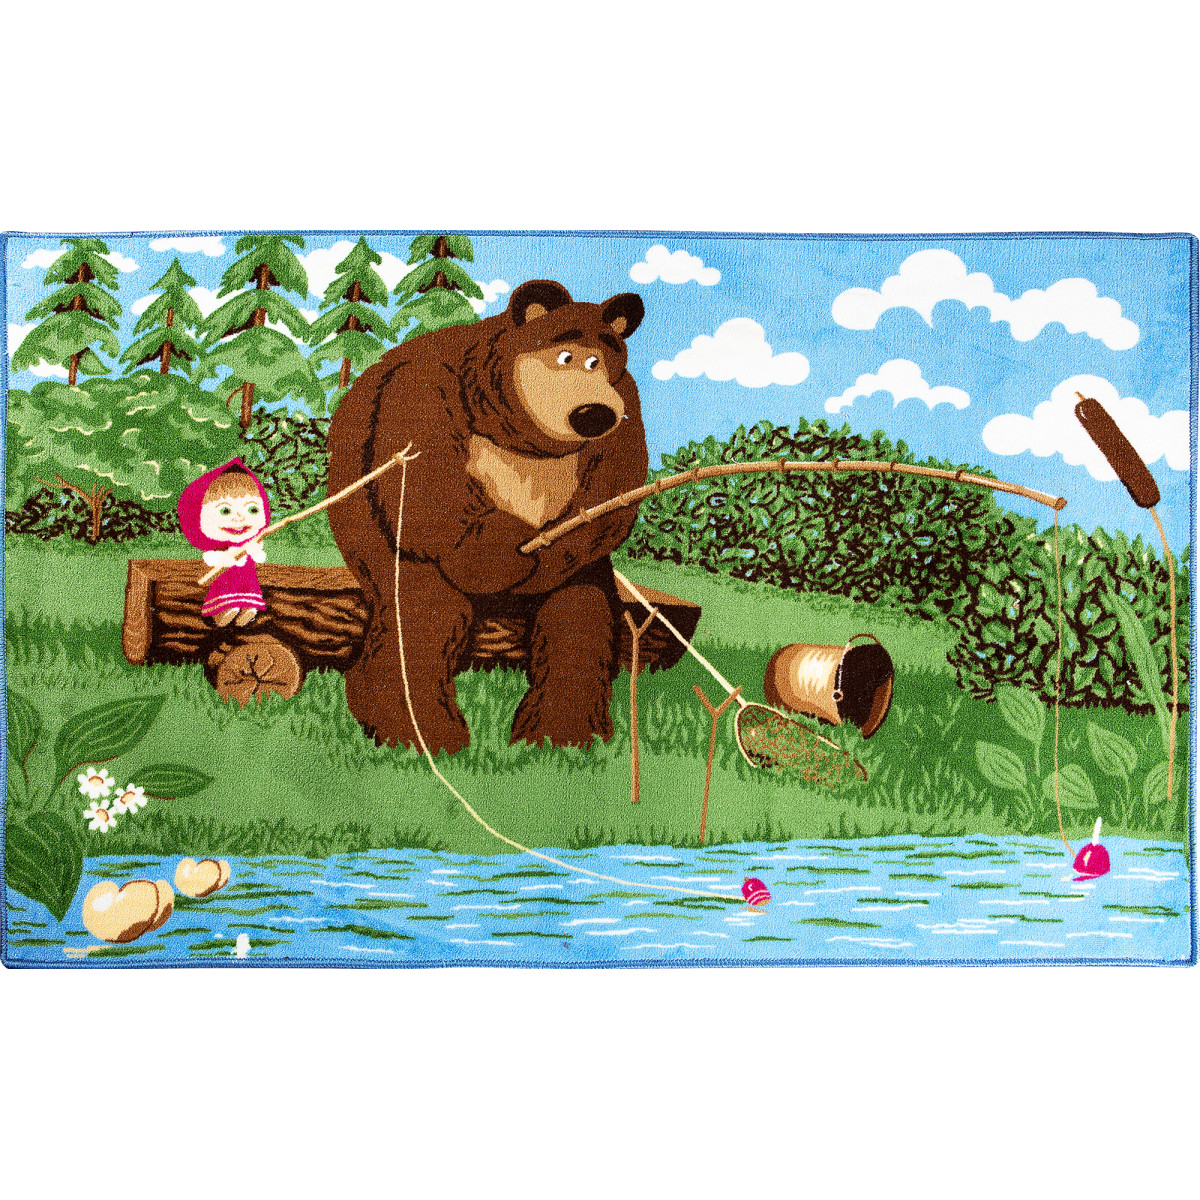 Ковер Маша и Медведь рыбалка размер 1х15 м